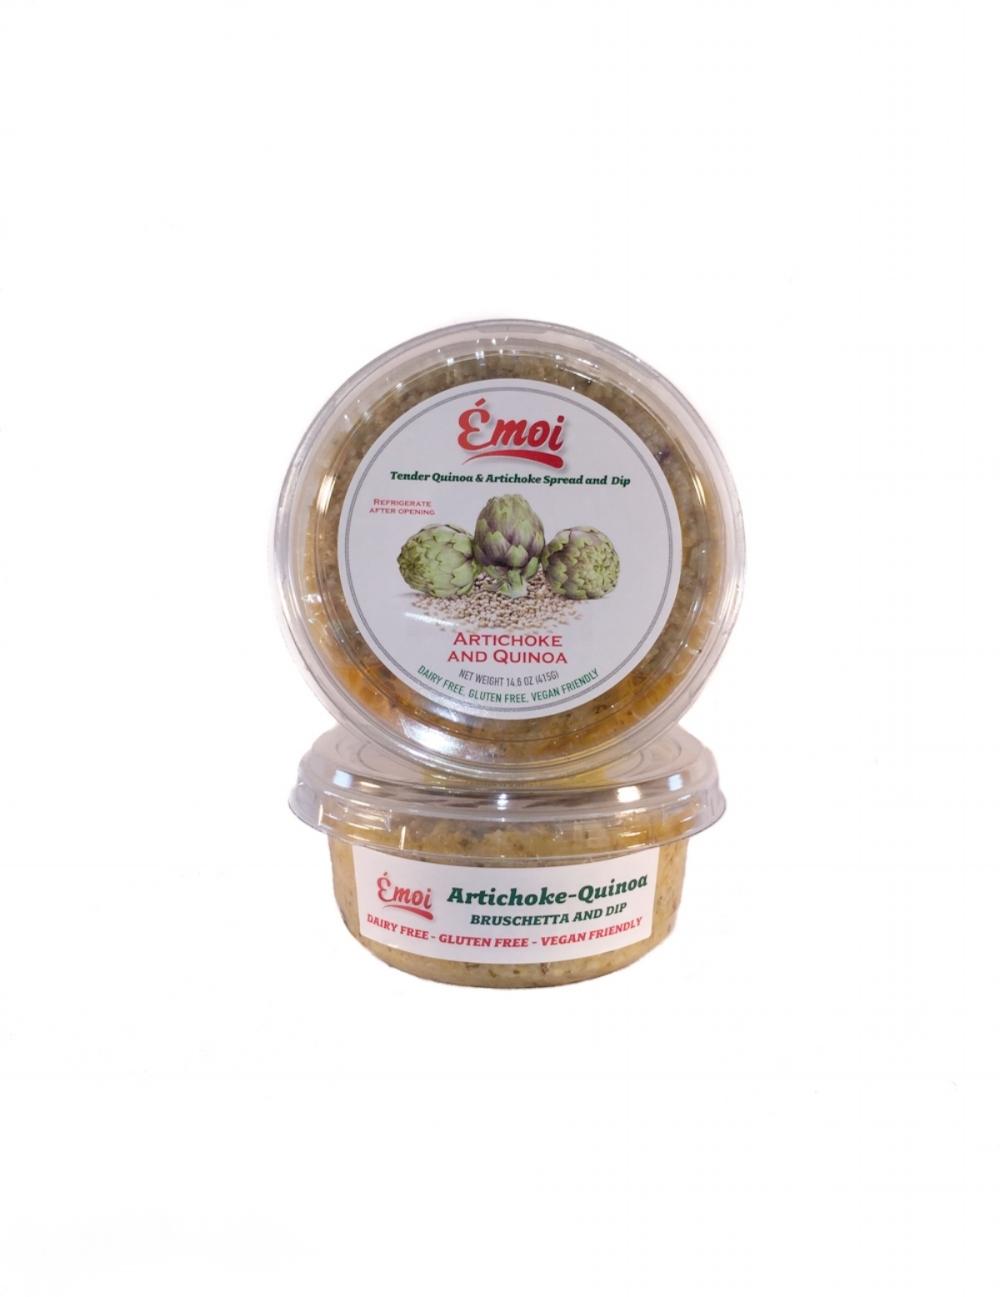 Artichoke & Quinoa Dip and Spread